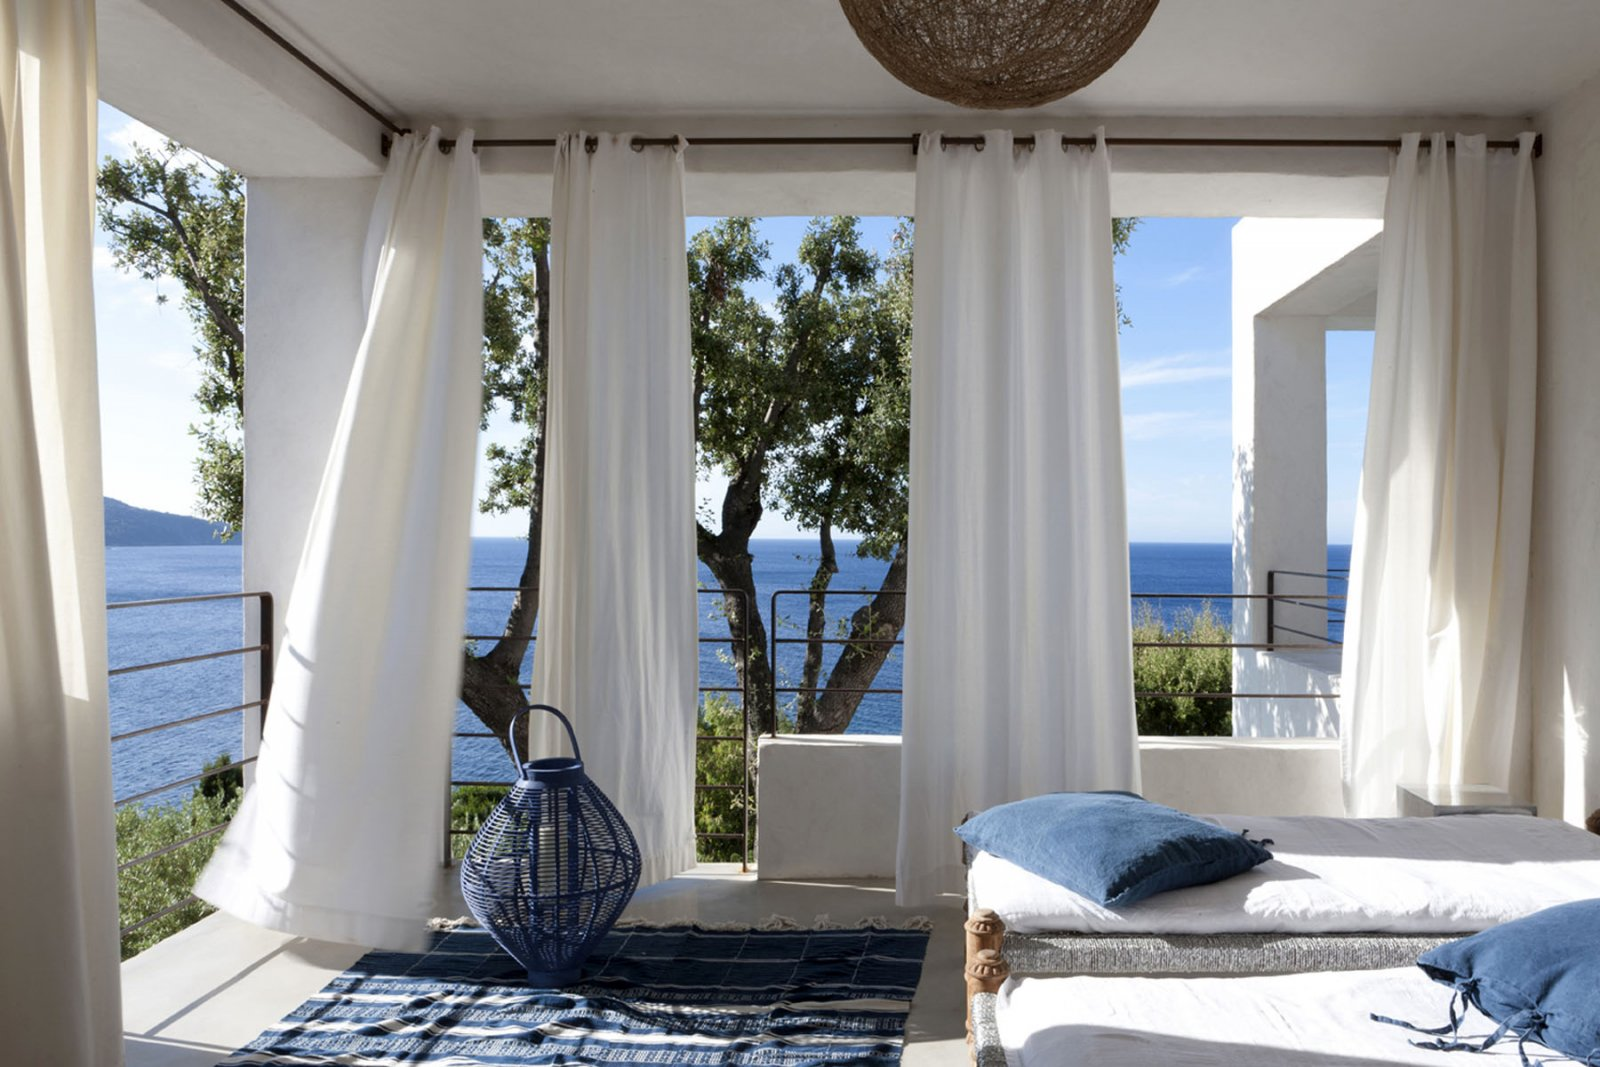 Telas ideales para decorar el hogar en verano decoraci n del hogar - Telas rusticas para cortinas ...